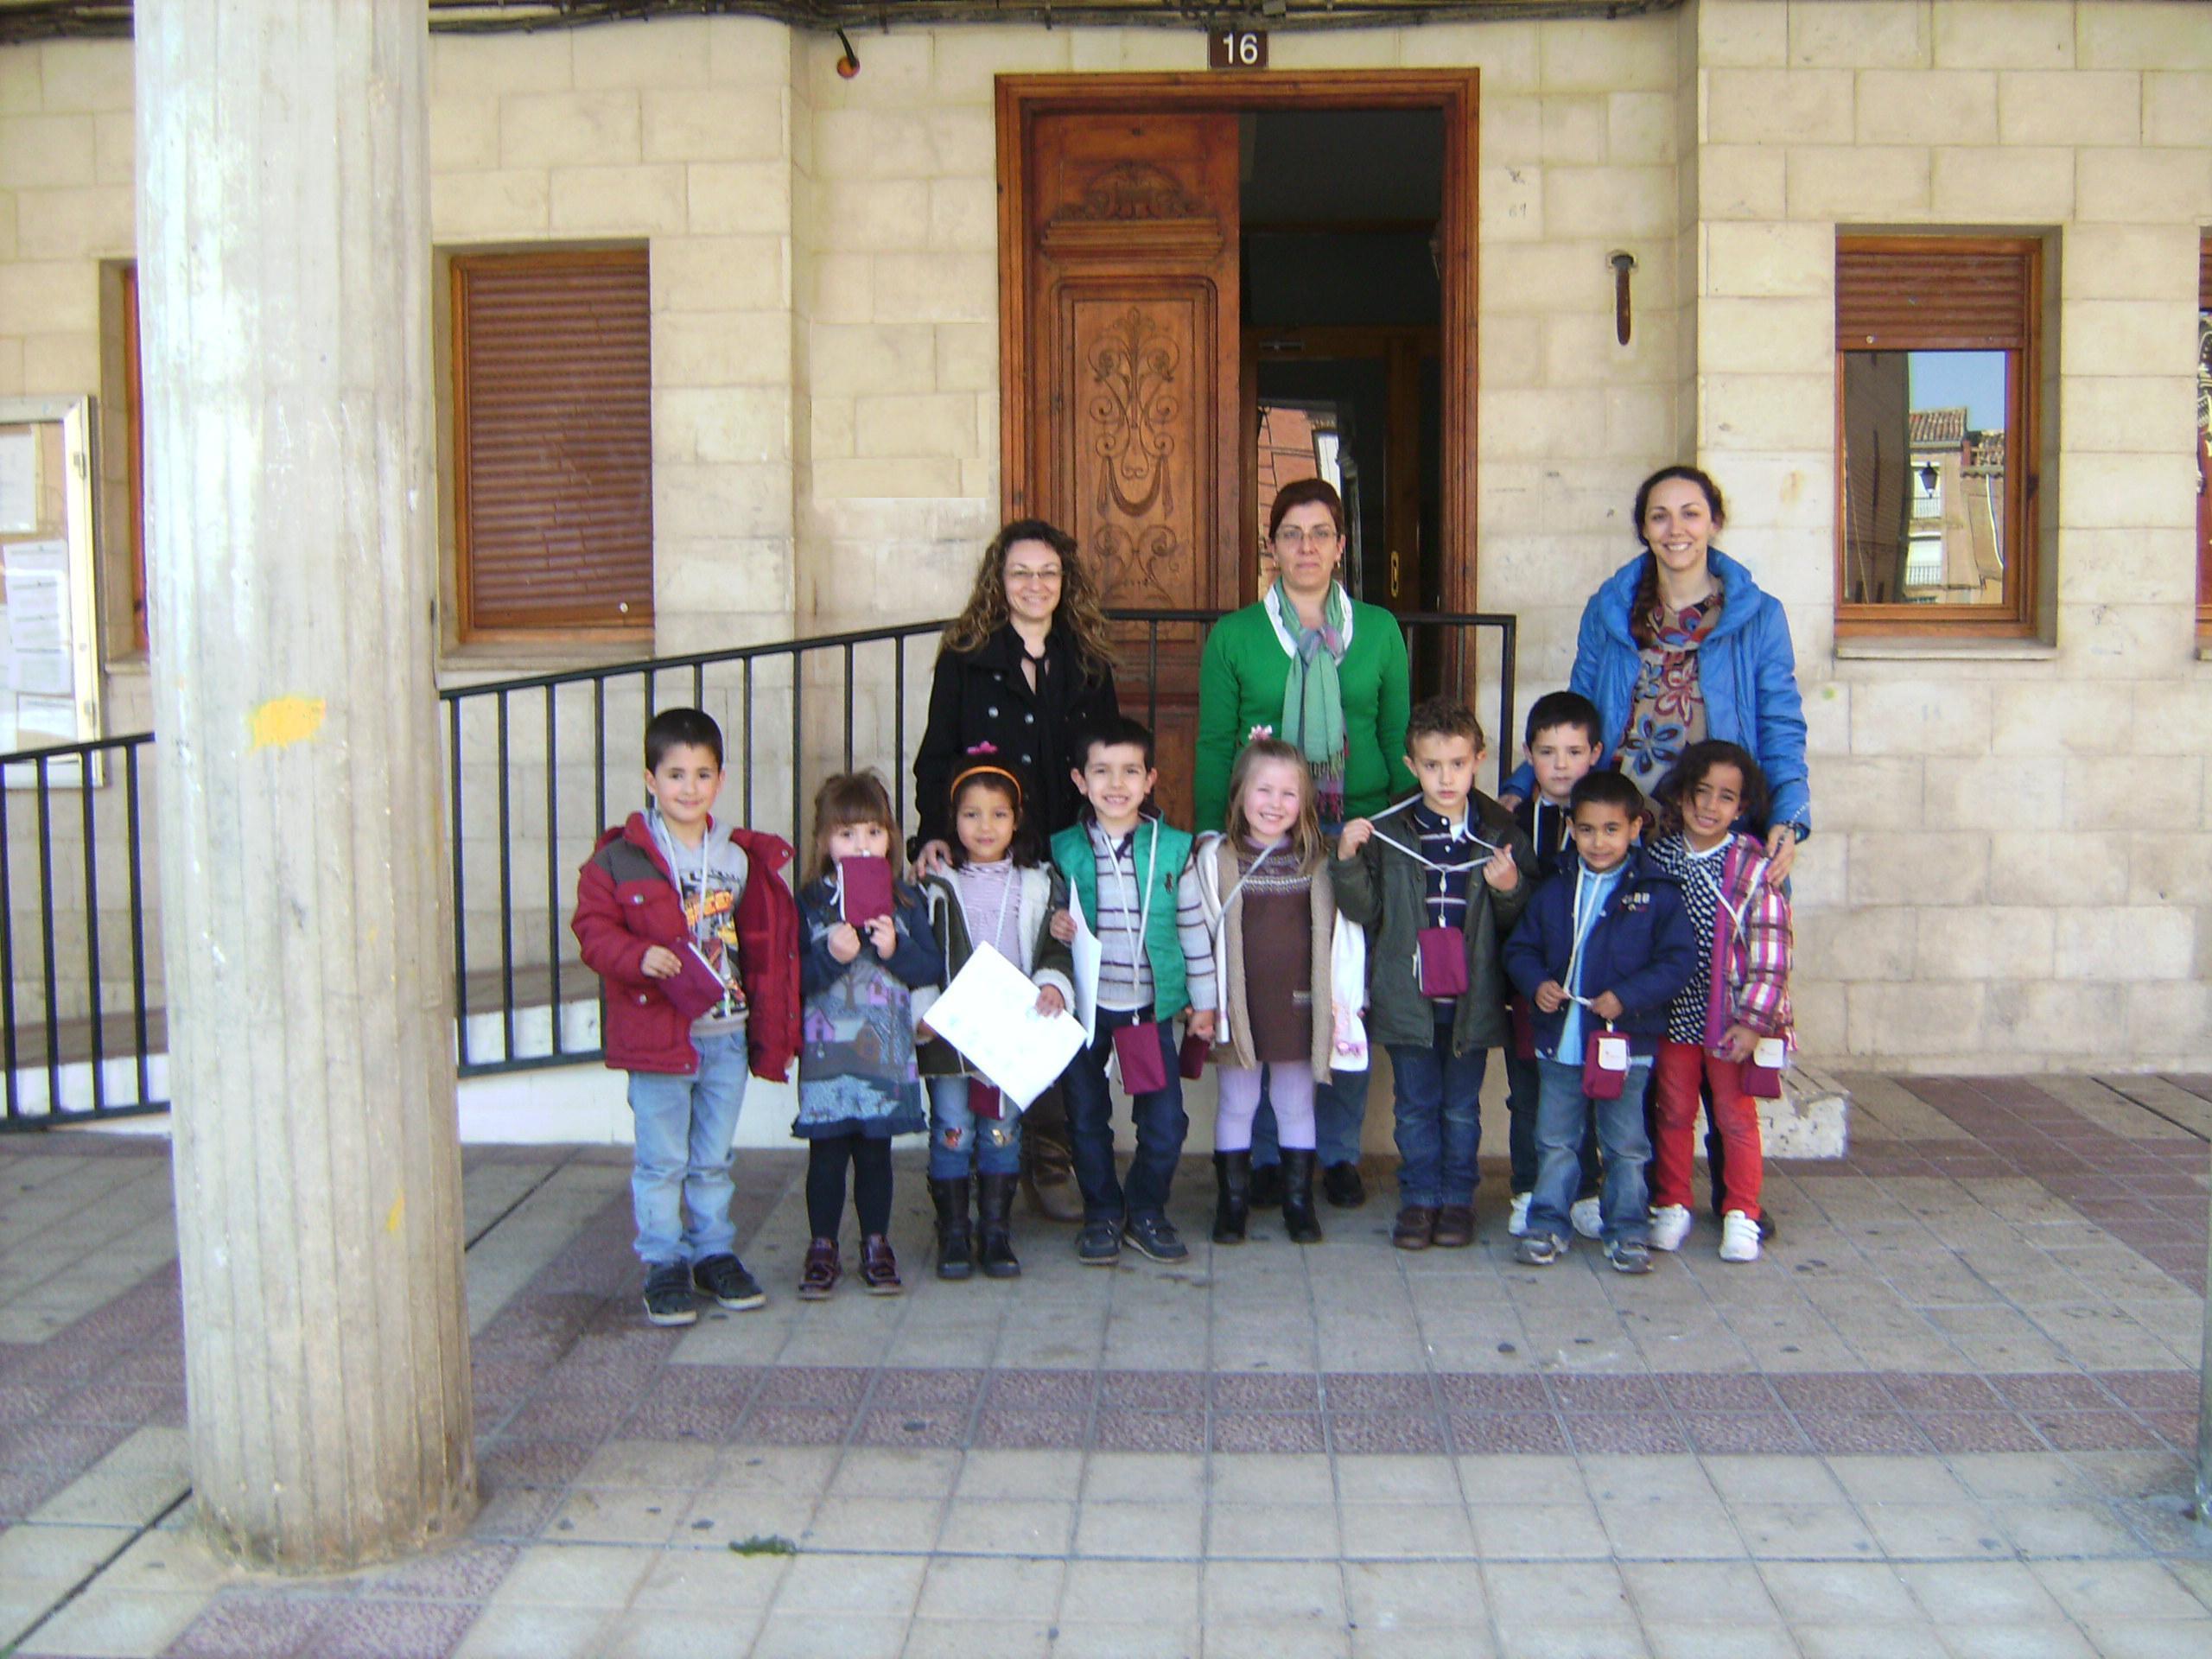 Visita de los niños del Colegio Reyes Católicos al Ayuntamiento